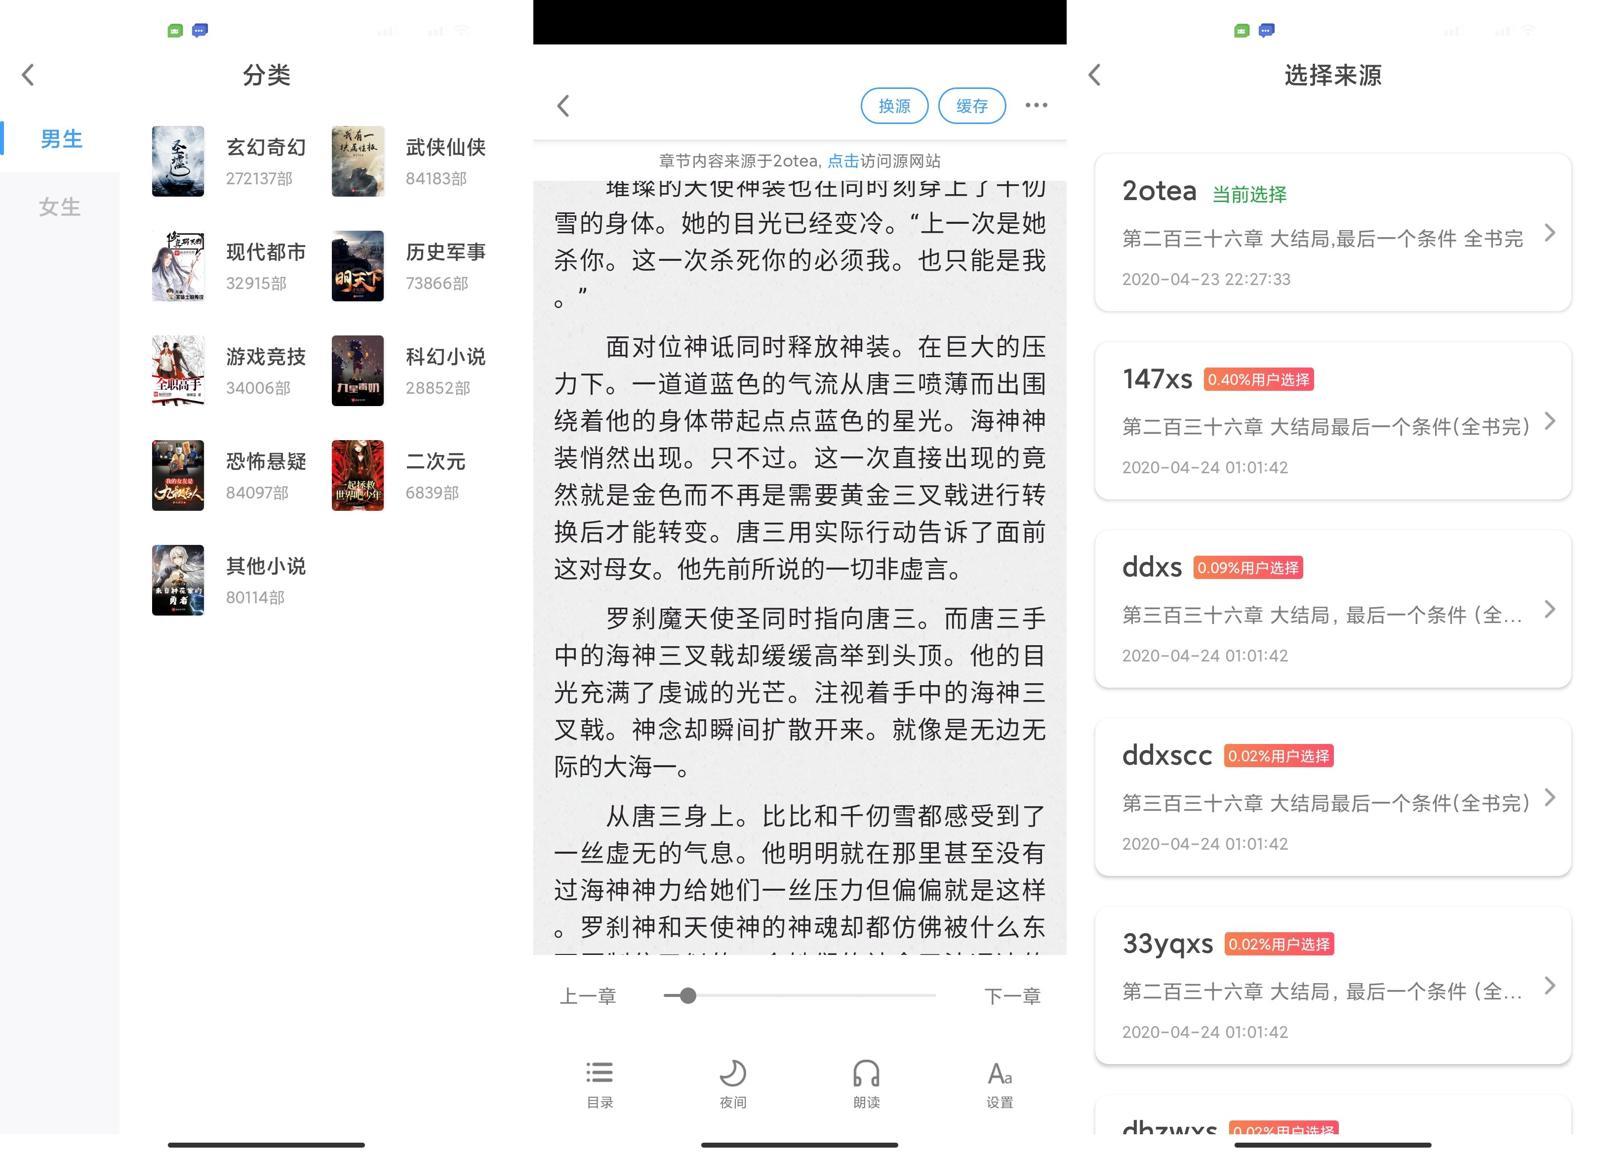 安卓换源神器分享 看小说必备v1.0.9